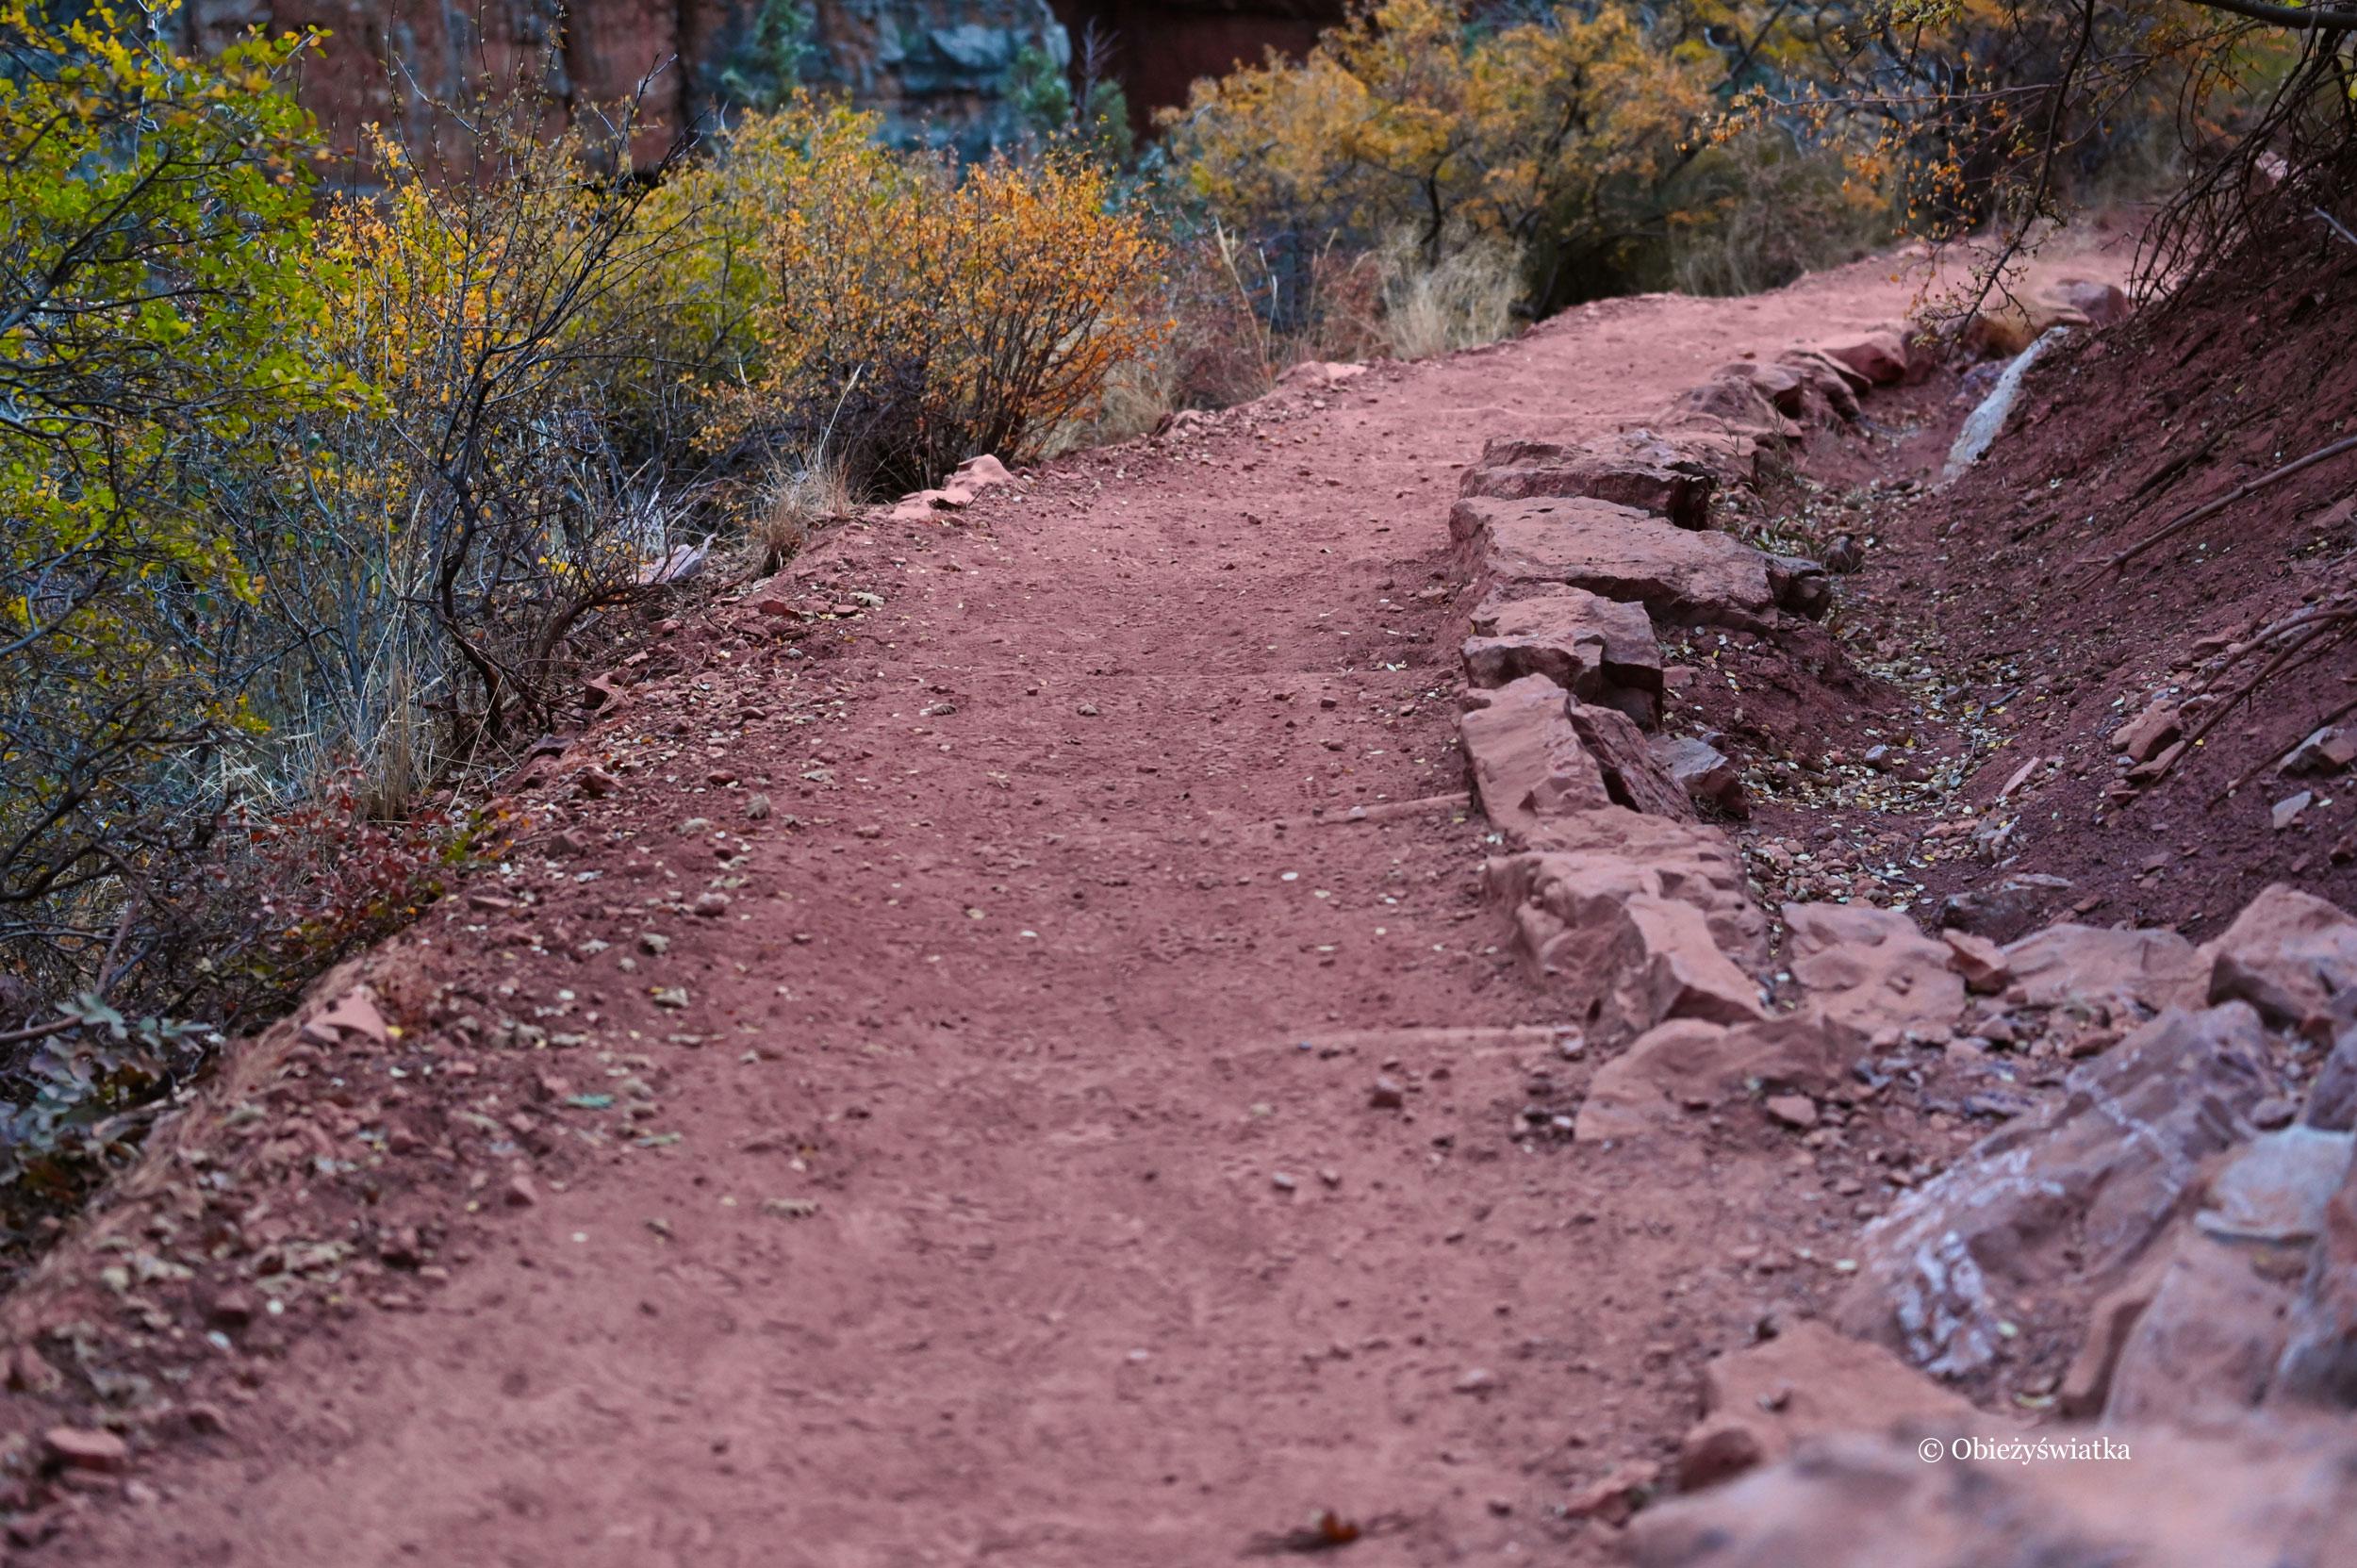 Czerwona ziemia - szlak North Kaibab Trail, Grand Canyon, Arizona